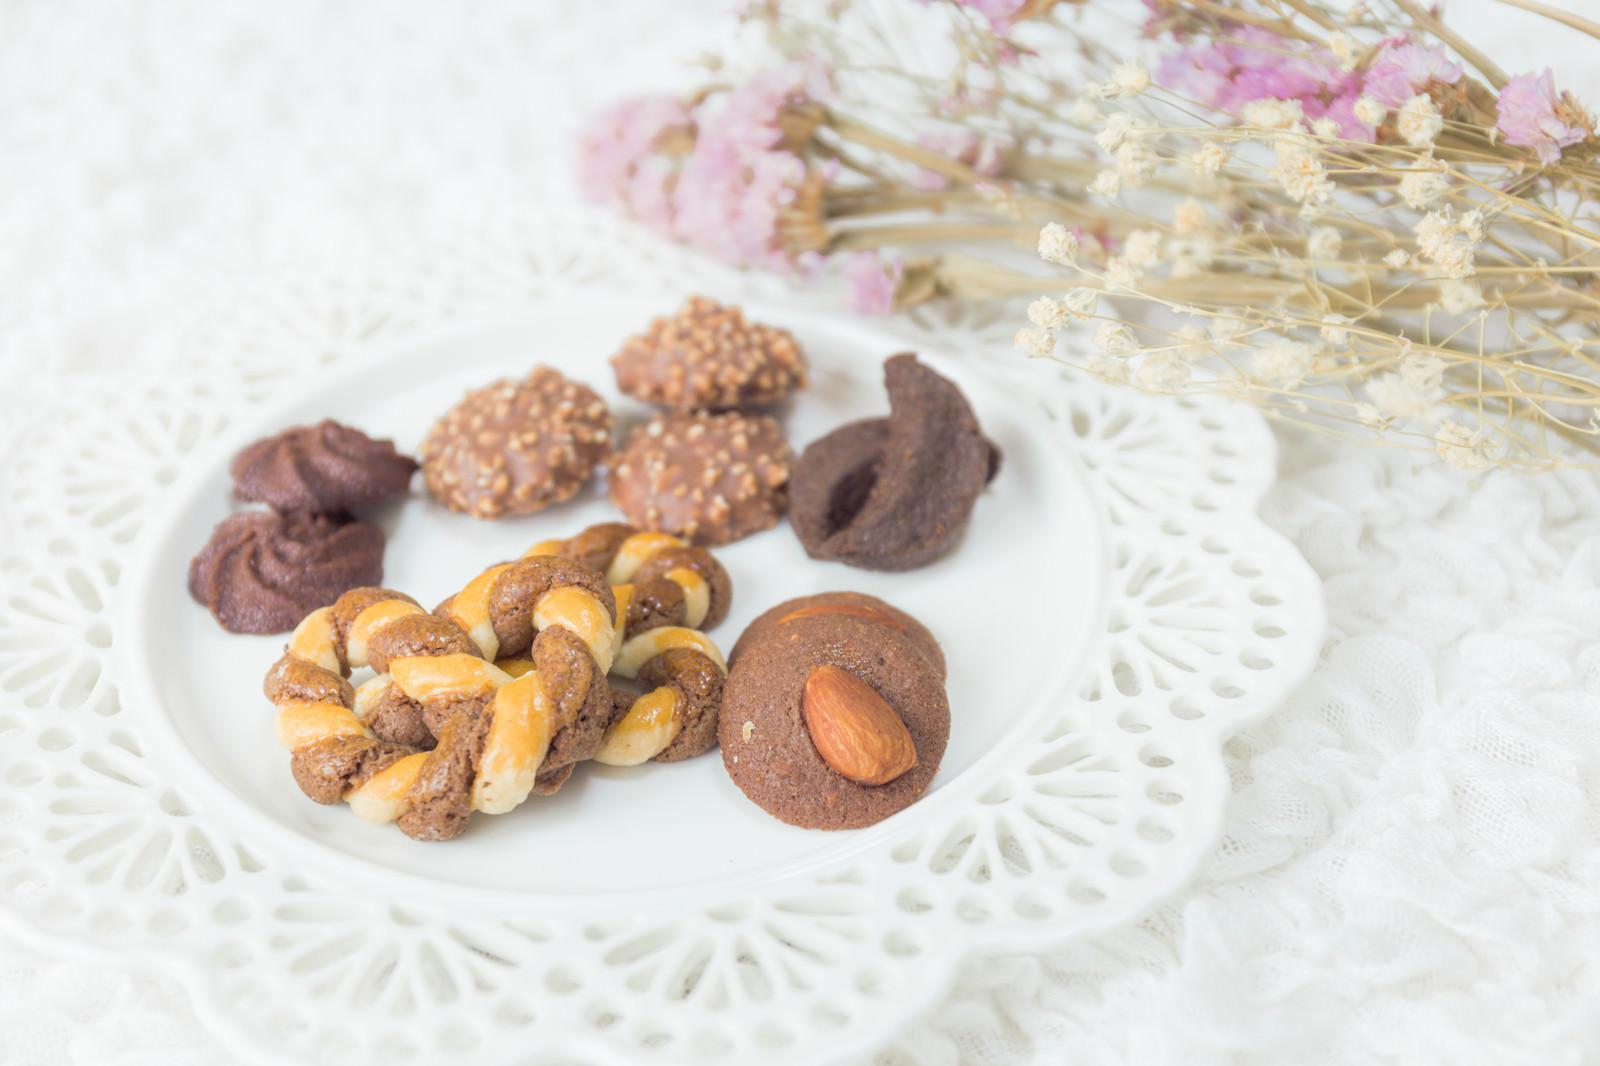 「皿に並べられたクッキー」の写真